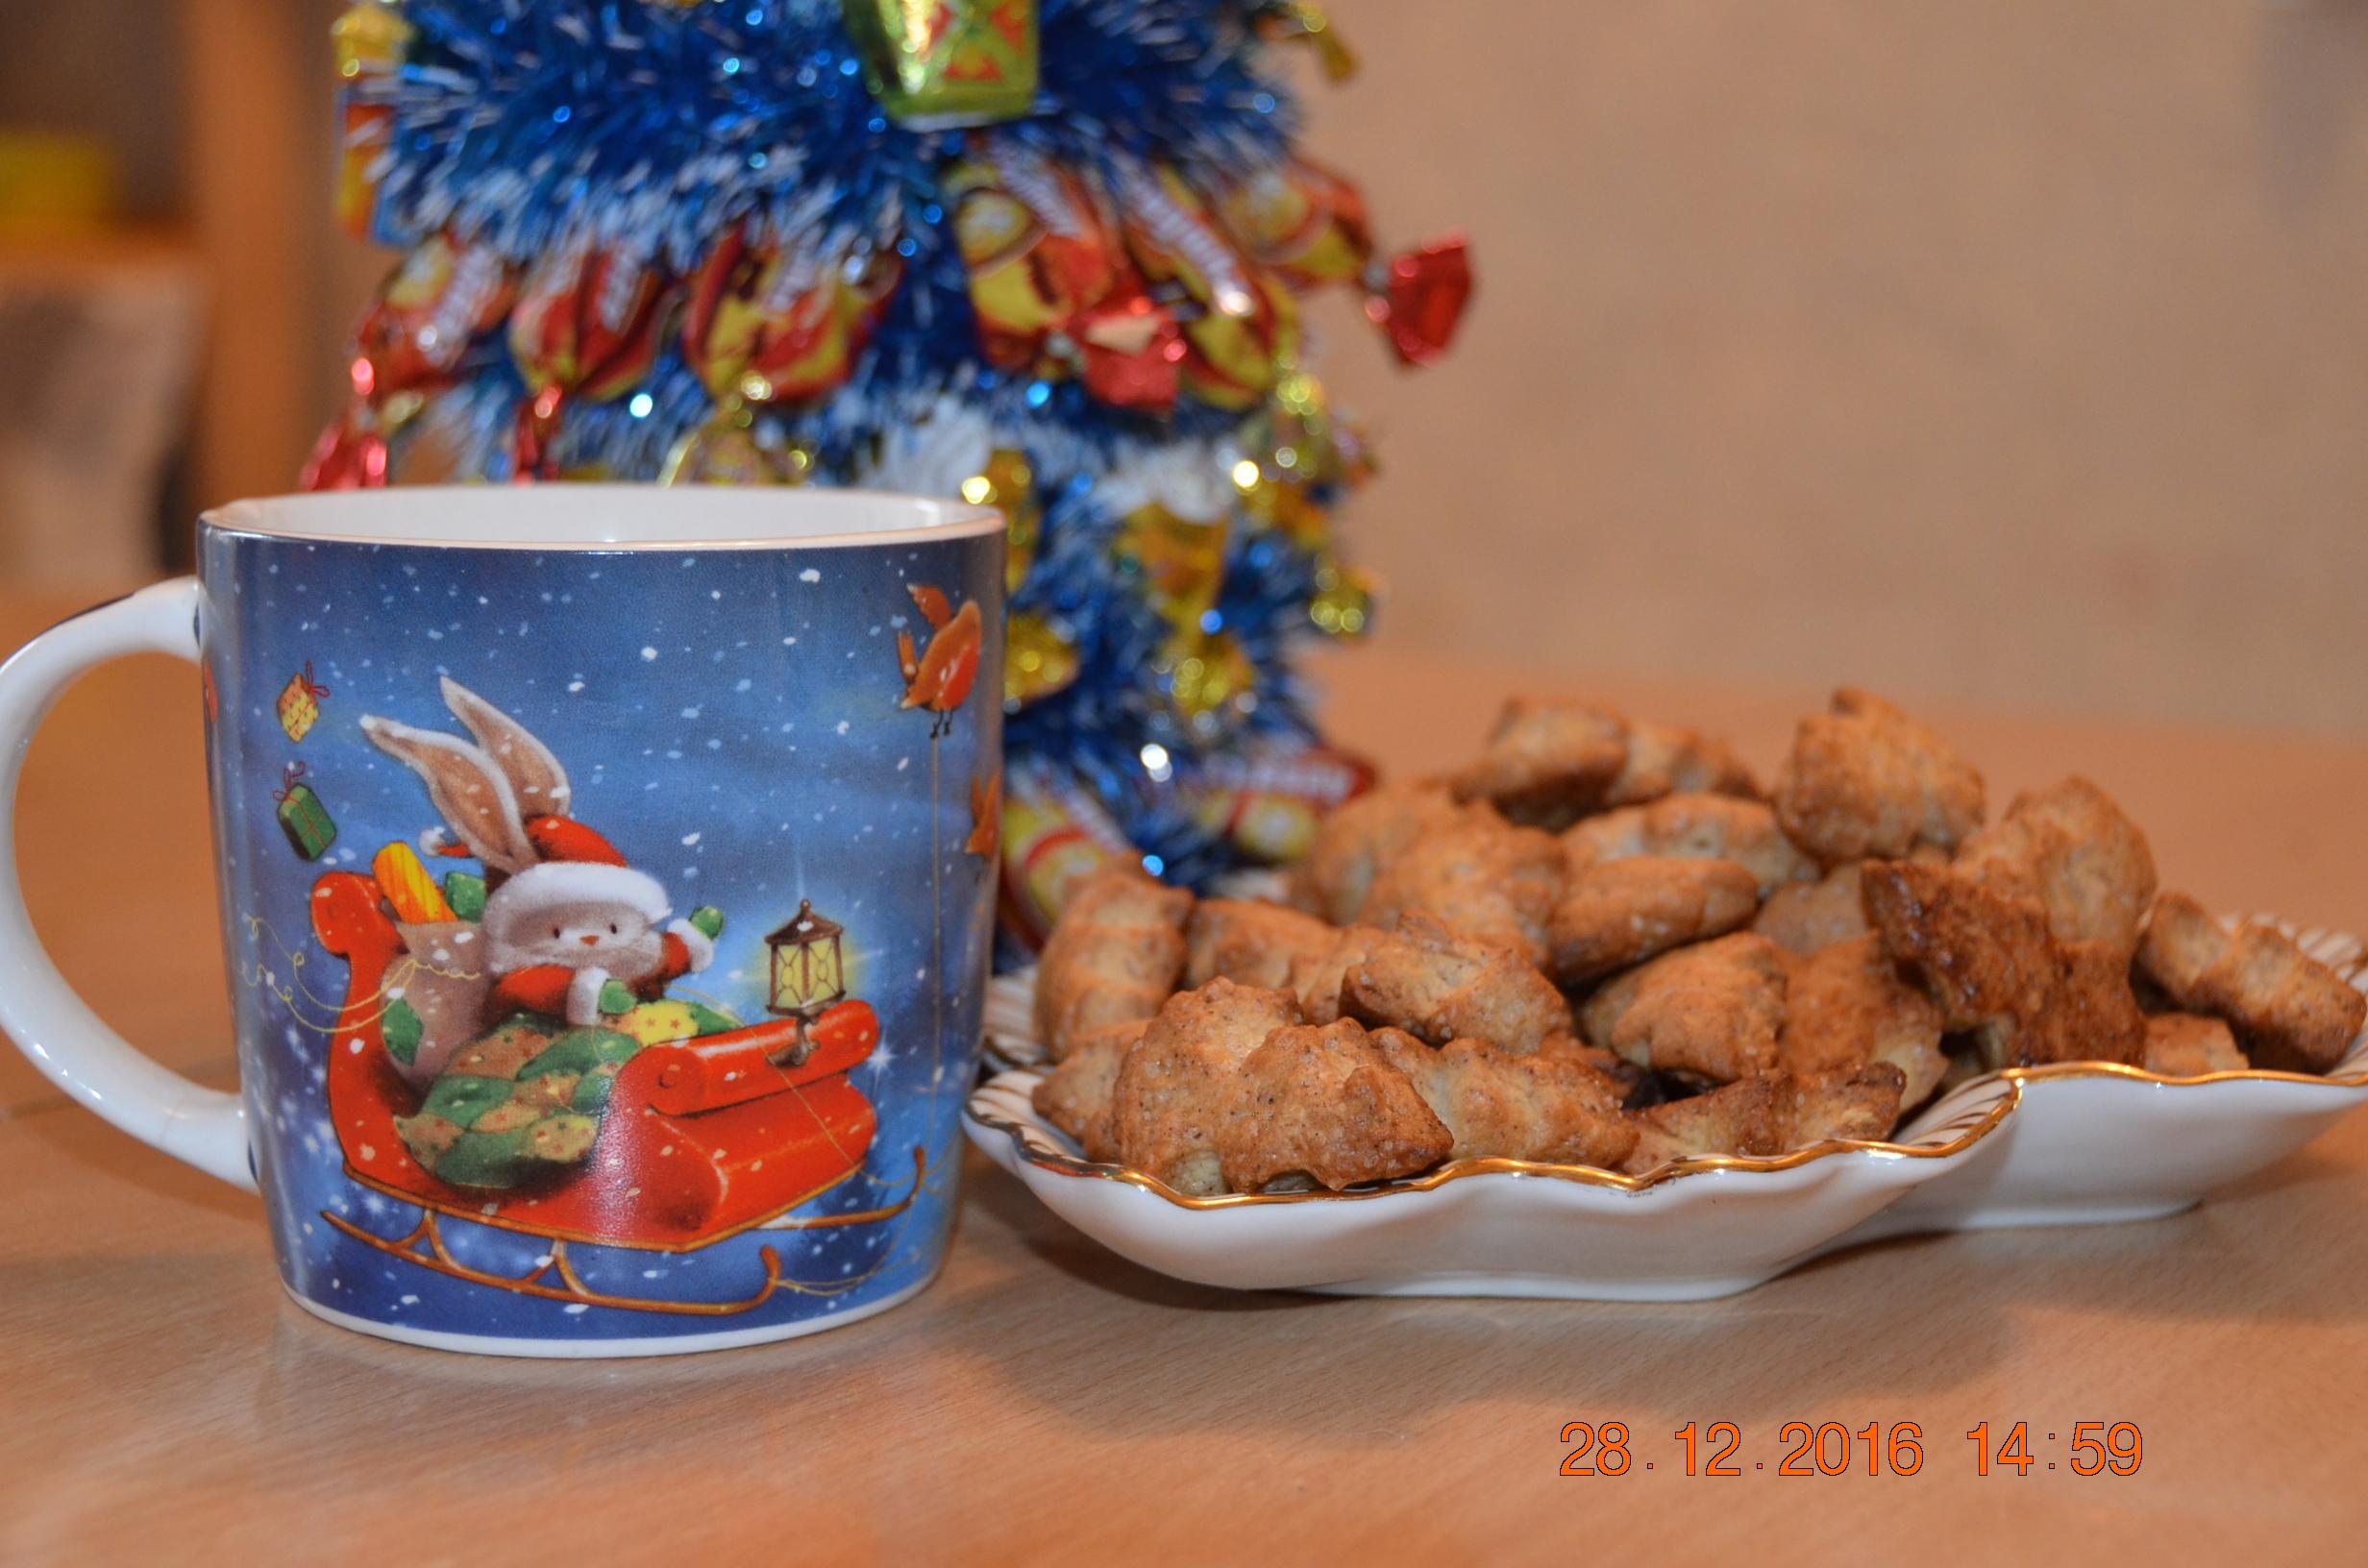 Новый год к нам мчится). Блиц: чашка